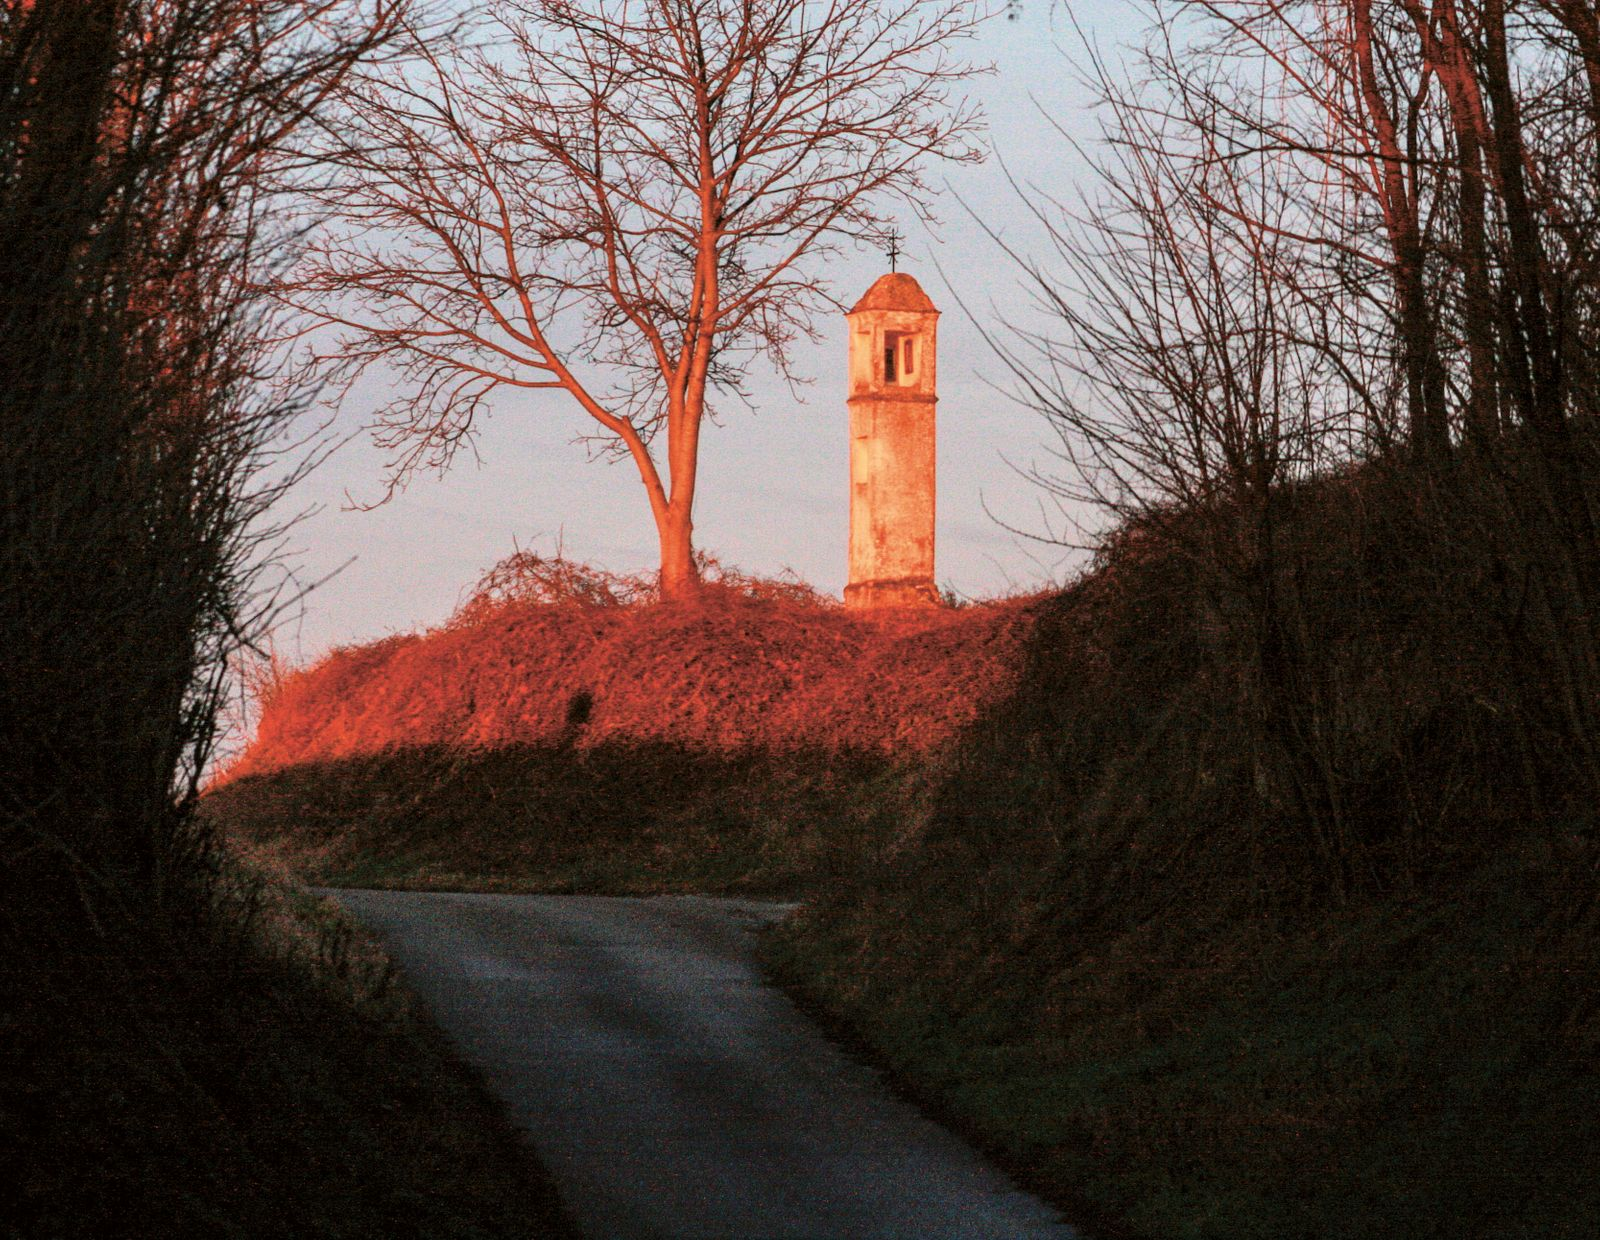 BUCH Martin Burger / Gehen auf alten Wegen / Morgenstimmung in der Dorfgasse in Engelmannbrunn